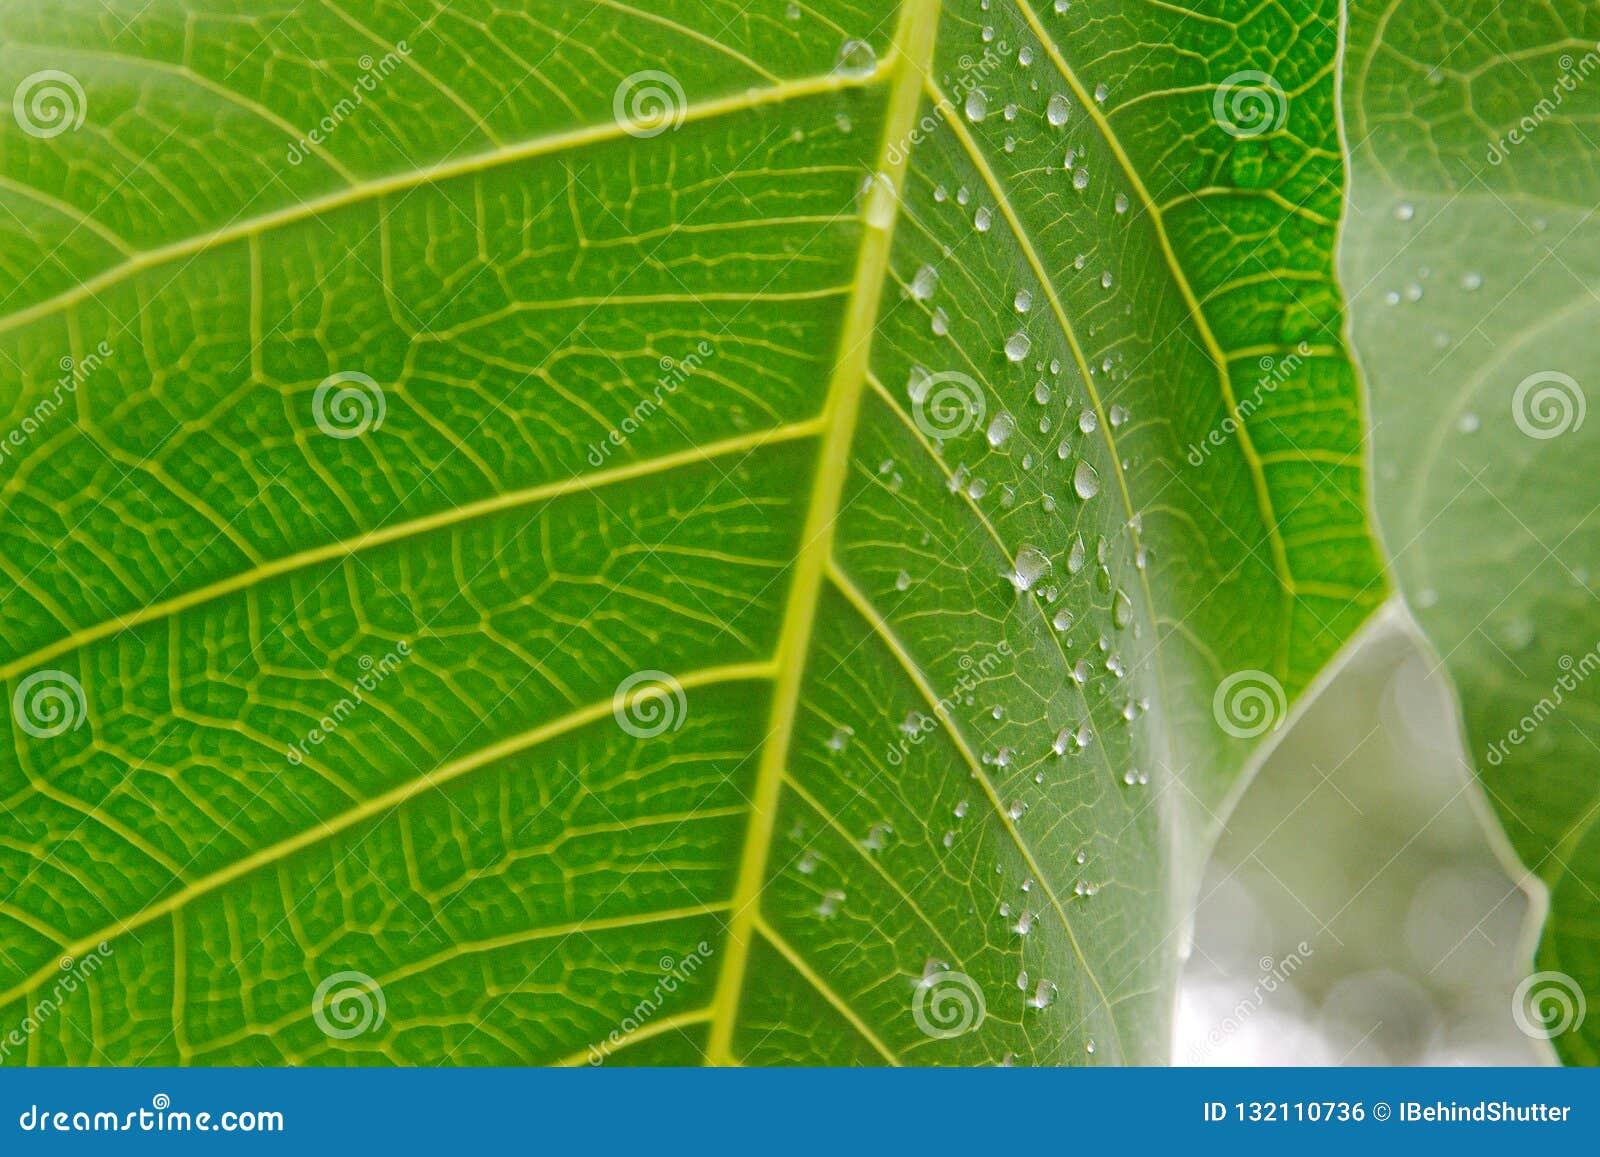 Nossas por verde que cor veias de são